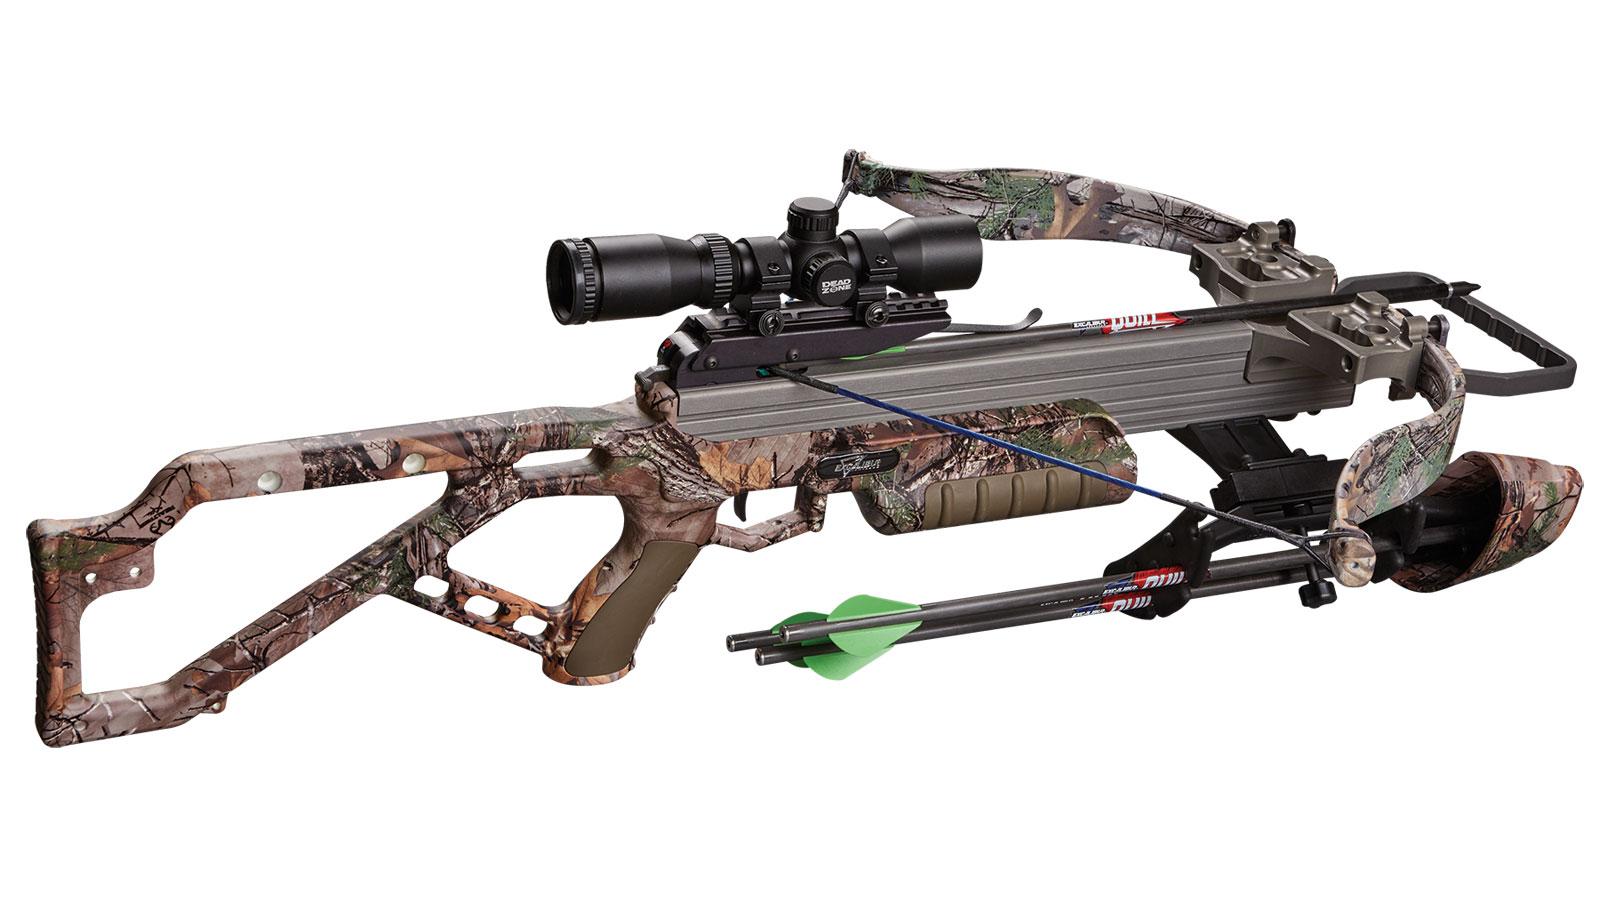 Excalibur Micro 315 Crossbow